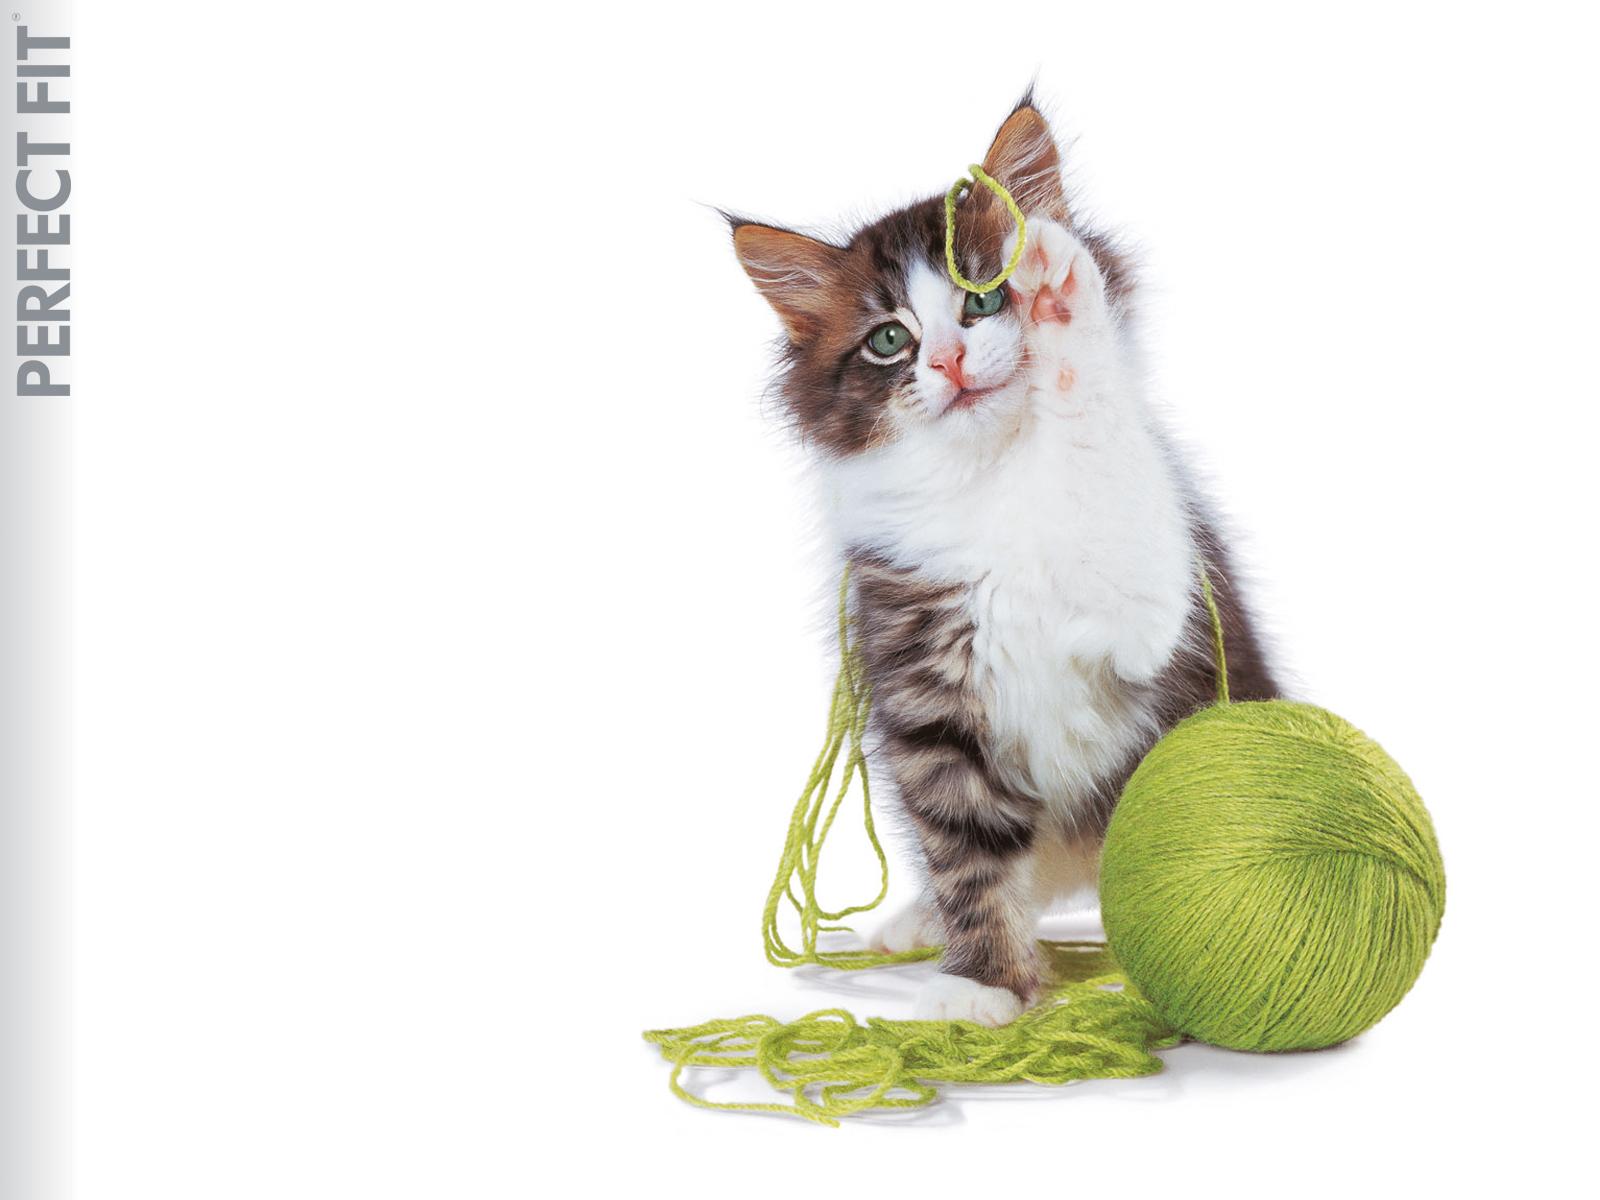 http://1.bp.blogspot.com/-59Dwvttr5iQ/T-bBzZAJCzI/AAAAAAAAGQU/nfbvkkfsH1g/s1600/Cat-wallpaper-11.jpg